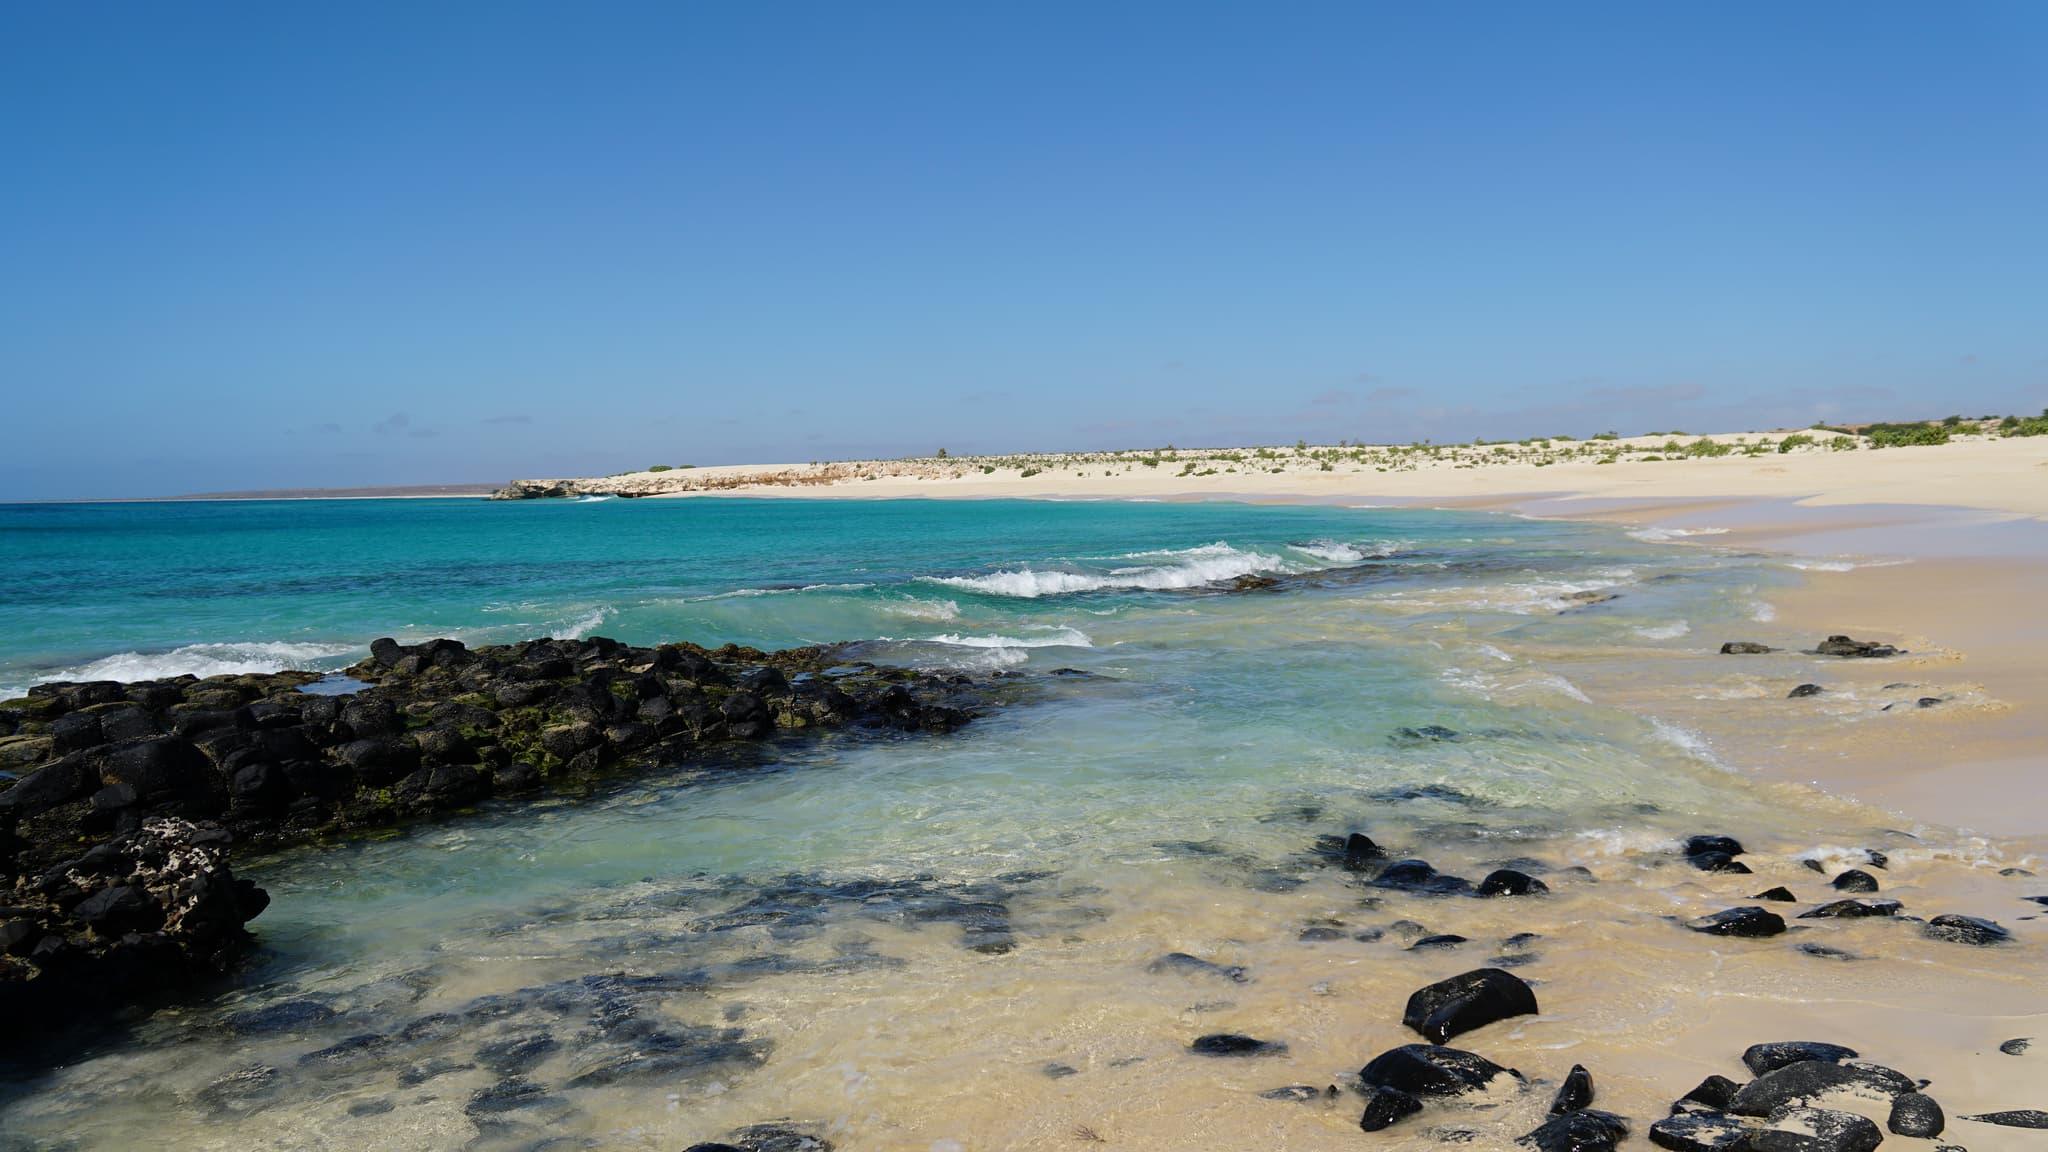 Spiaggia di Boa Vista a Capo Verde